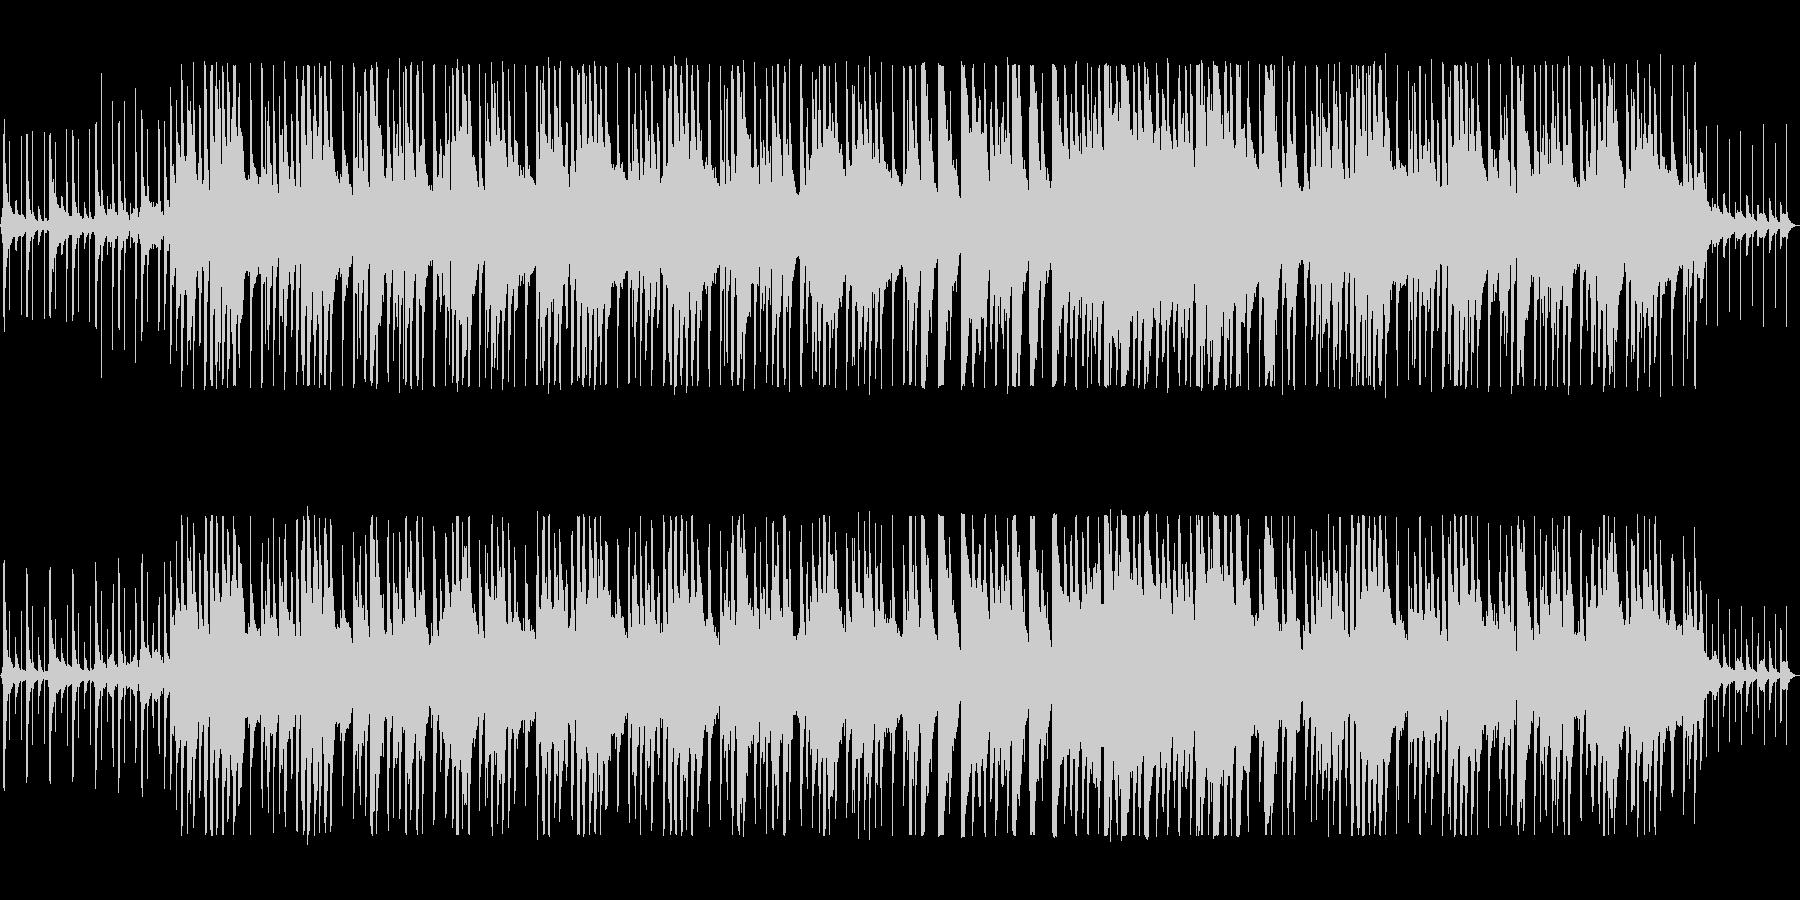 リズミカルでほのぼのとしたポップスの未再生の波形